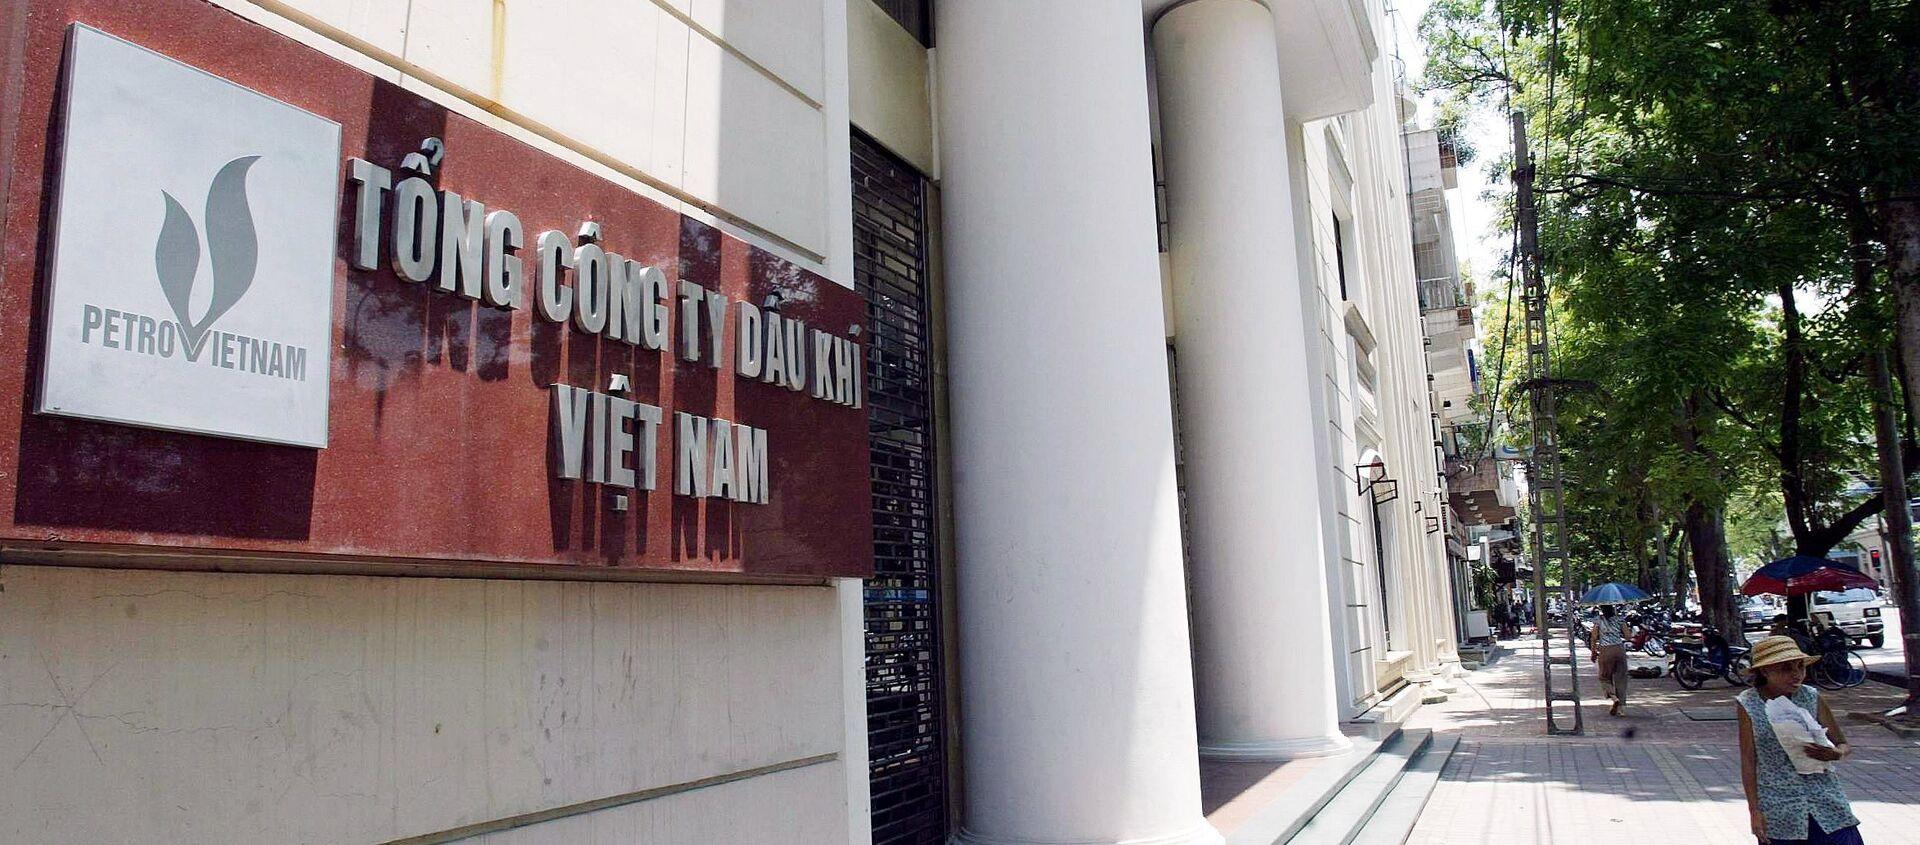 Tổng công ty Dầu khí Việt Nam. - Sputnik Việt Nam, 1920, 13.04.2021